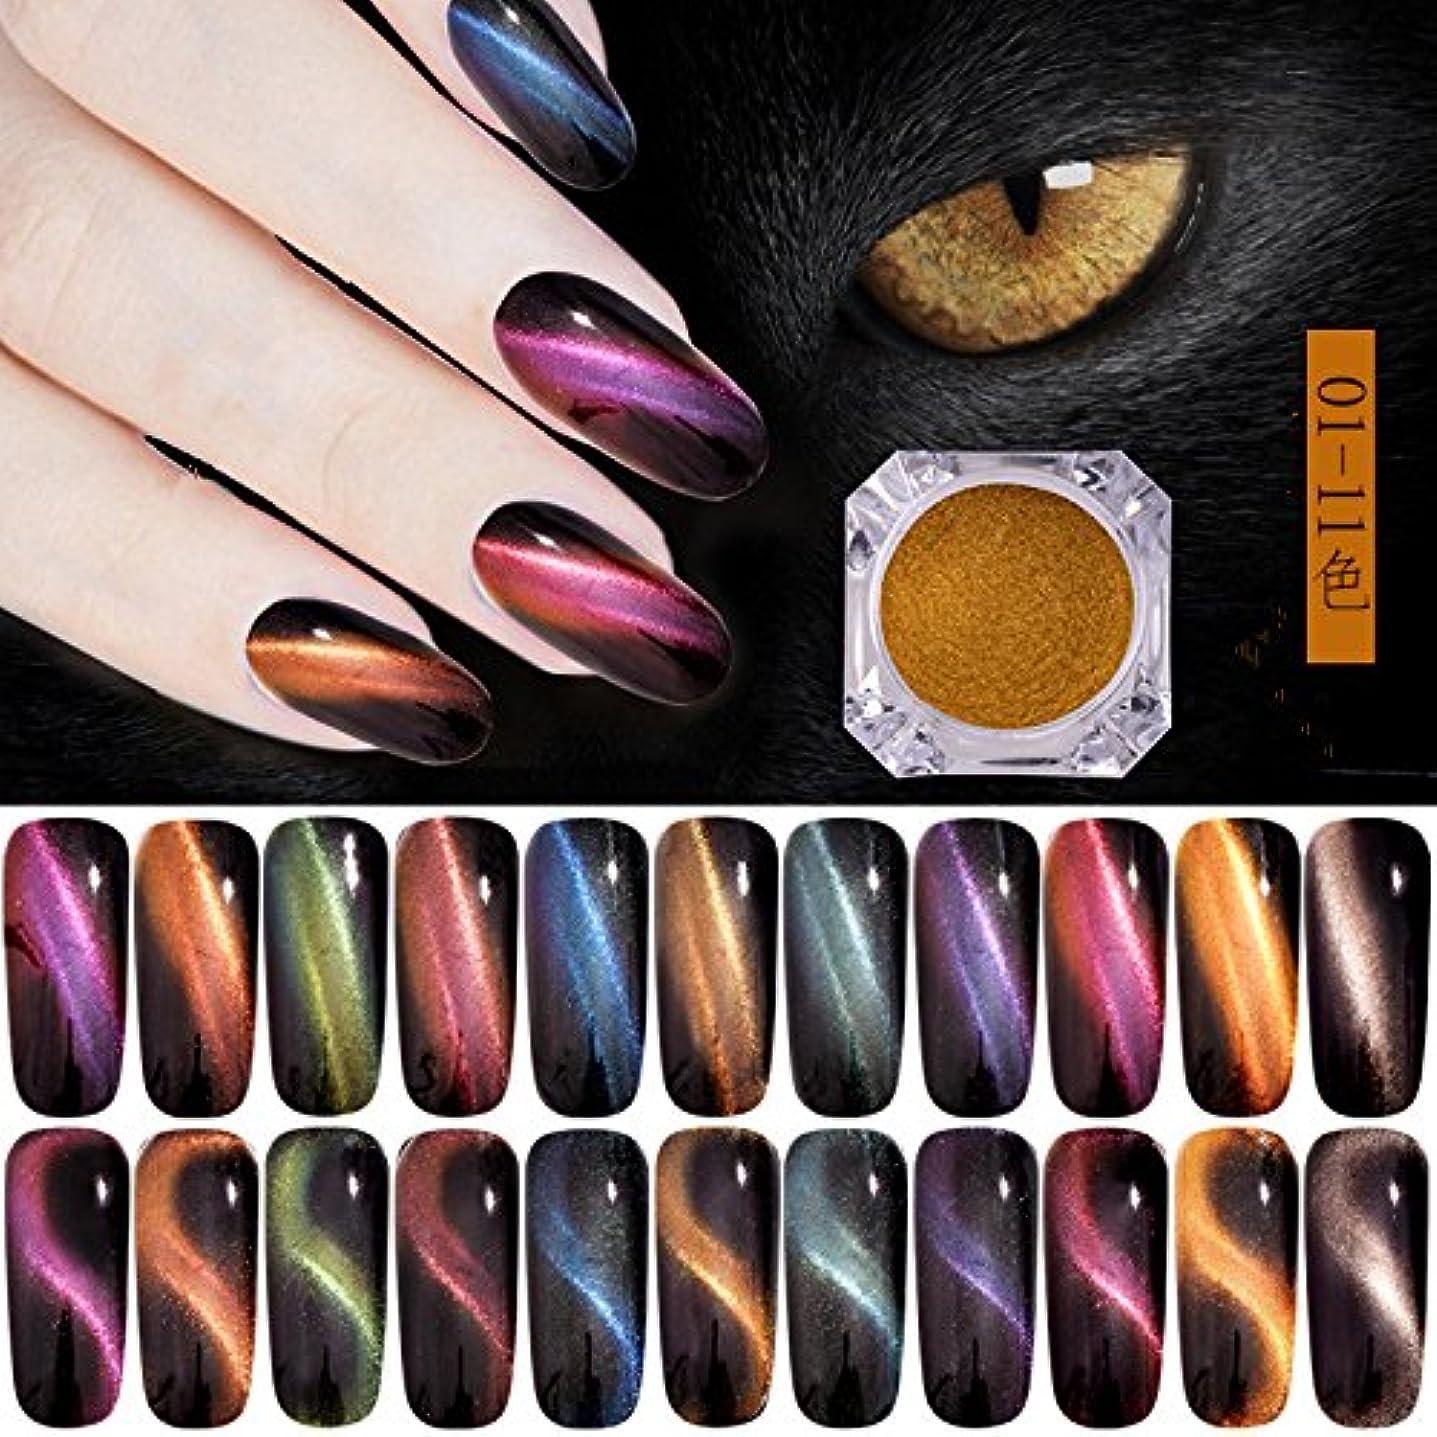 不幸普通にベイビーオーロラキャッツアイカラーパウダー カメレオン&猫の目のように効果 マグネットネイルパウダー マジック磁気グリッターダストUVジェルマニキュアネイルアートピグメント 11色から選べ (6)